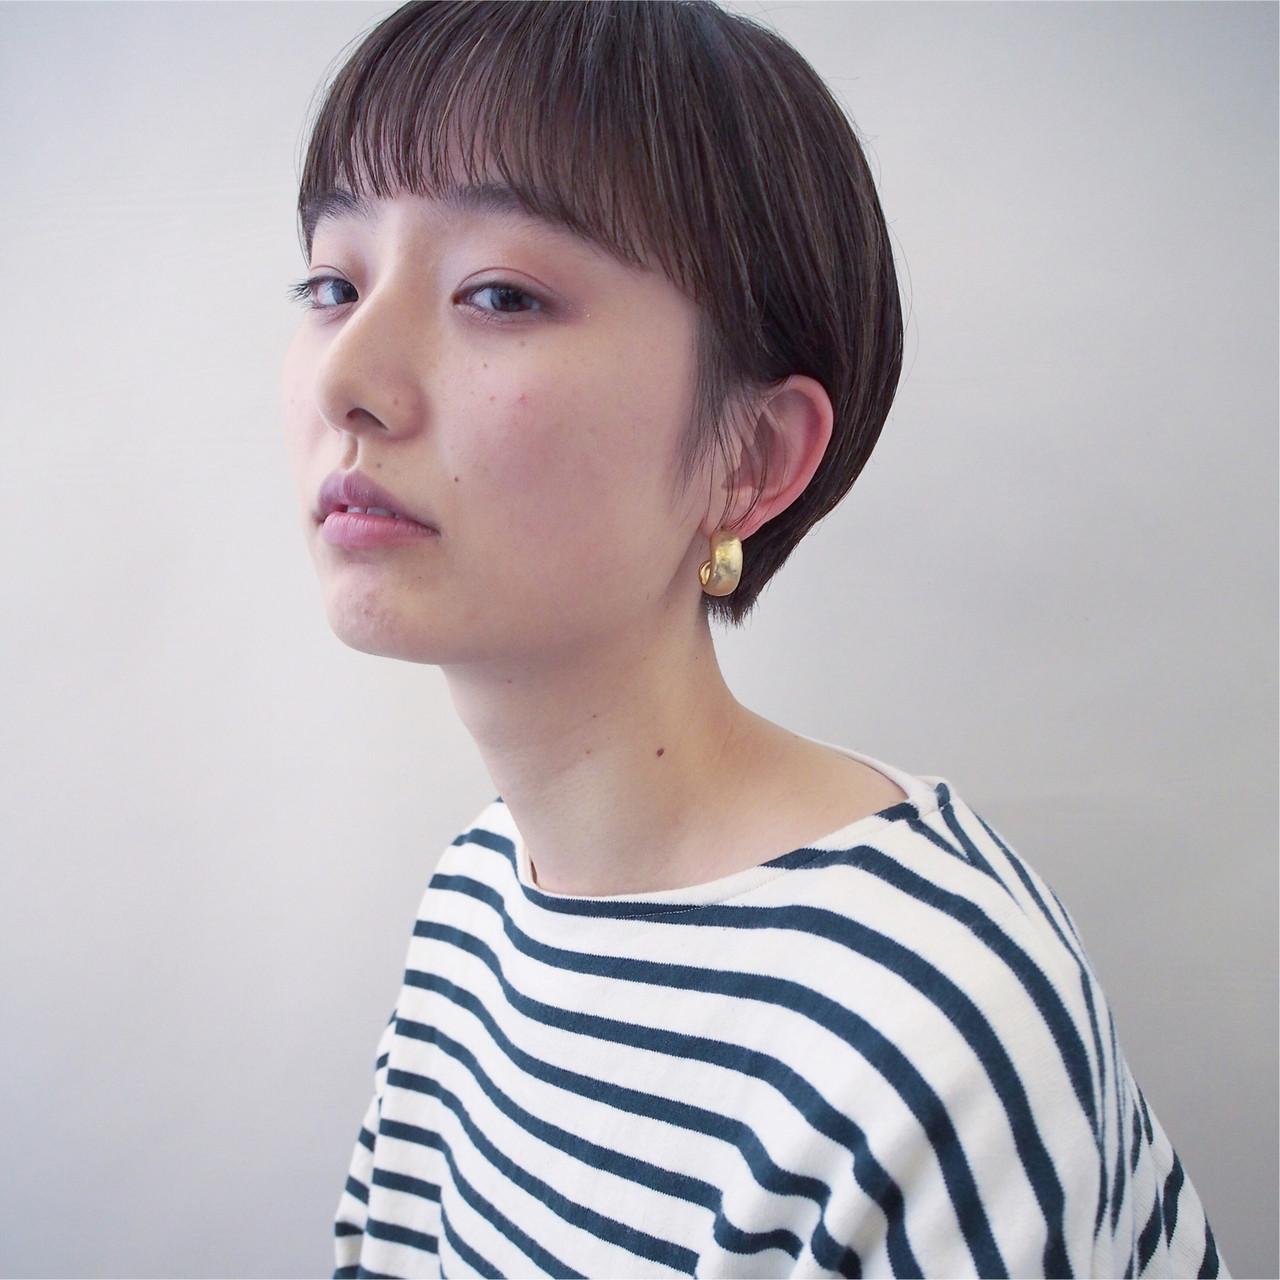 ウェットヘア モード ハンサムショート 黒髪 ヘアスタイルや髪型の写真・画像 | anhue. オザキミノリ / An hue.